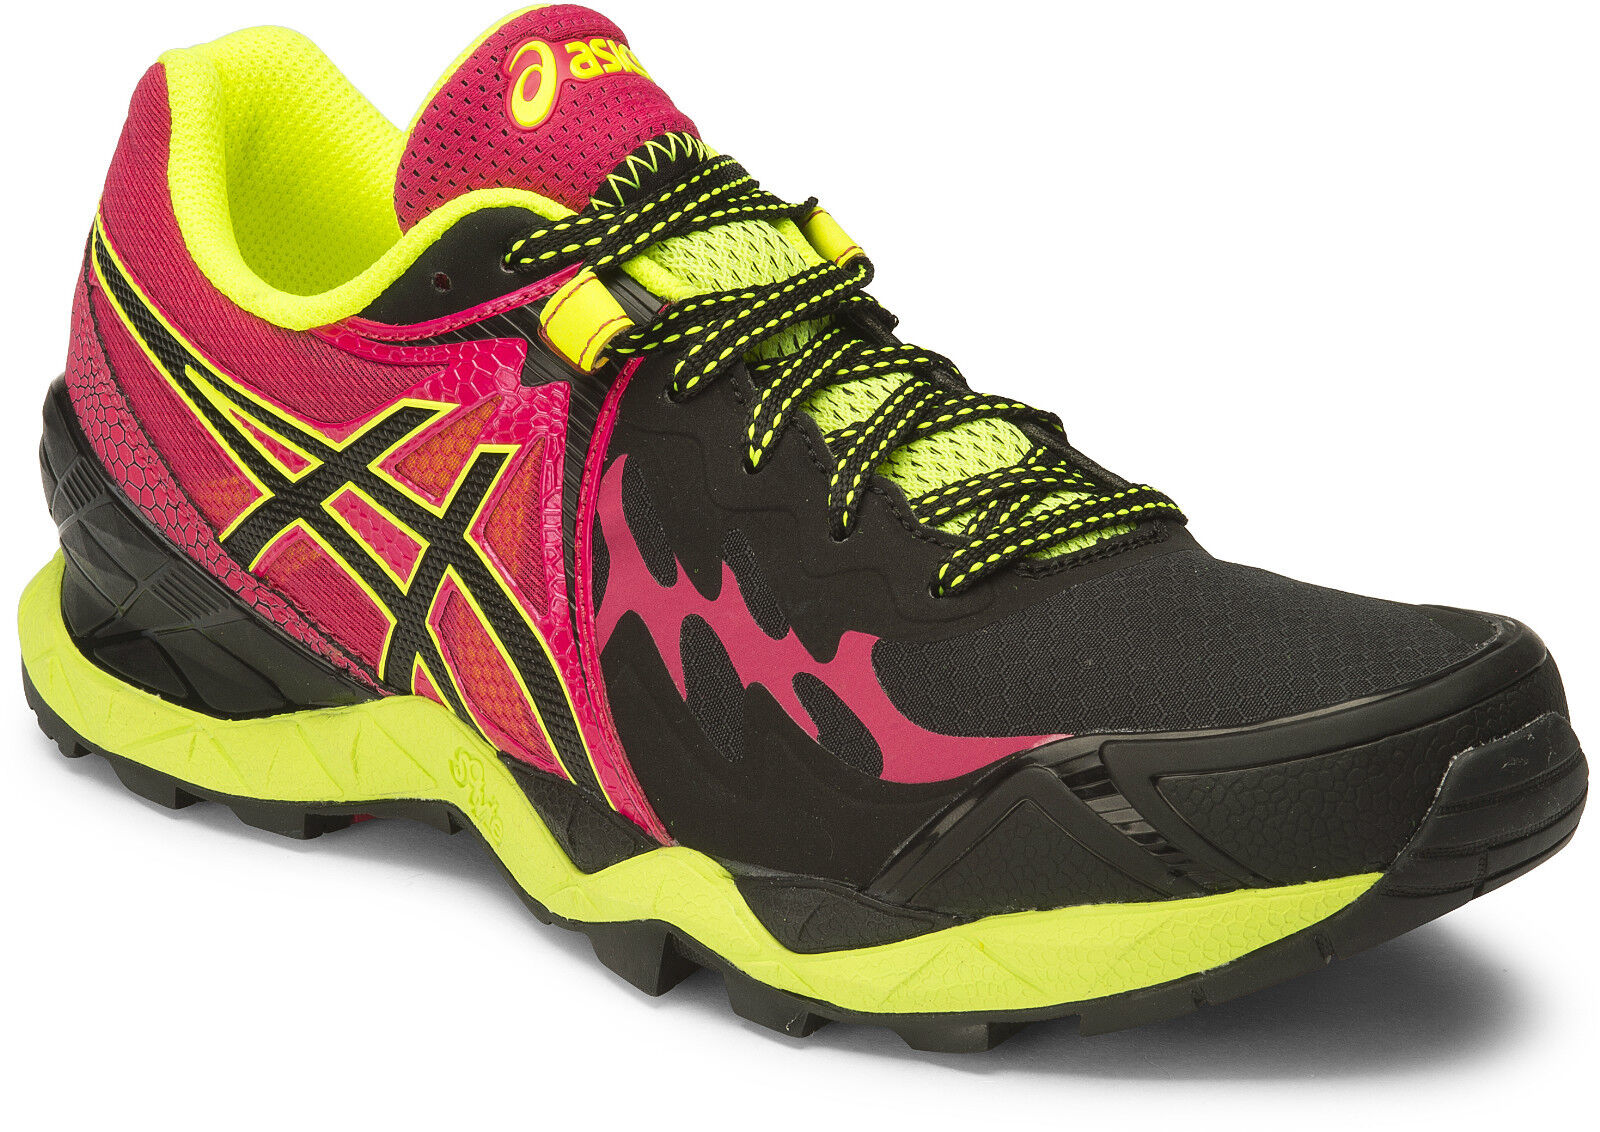 ASICS GEL Fuji Endurance plasmashield Mujer Trail Shoes price reduction mas reducción de precio el mas reduction popular de zapatos para hombres y mujeres 70e406